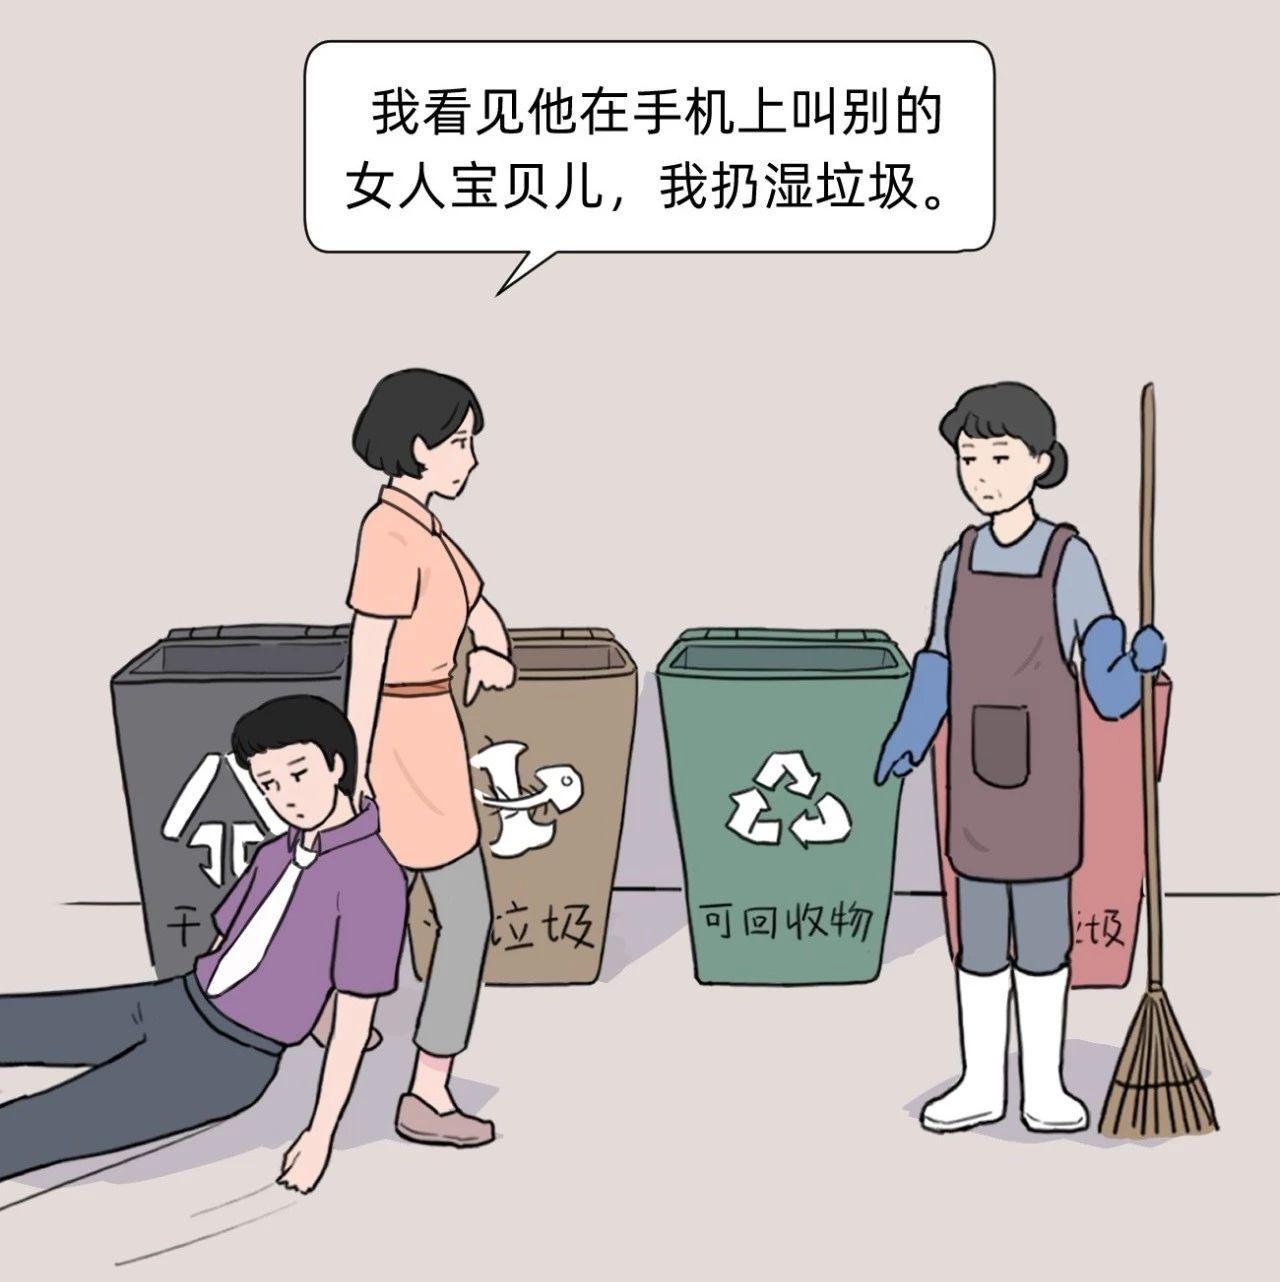 渣男垃圾分类图鉴。